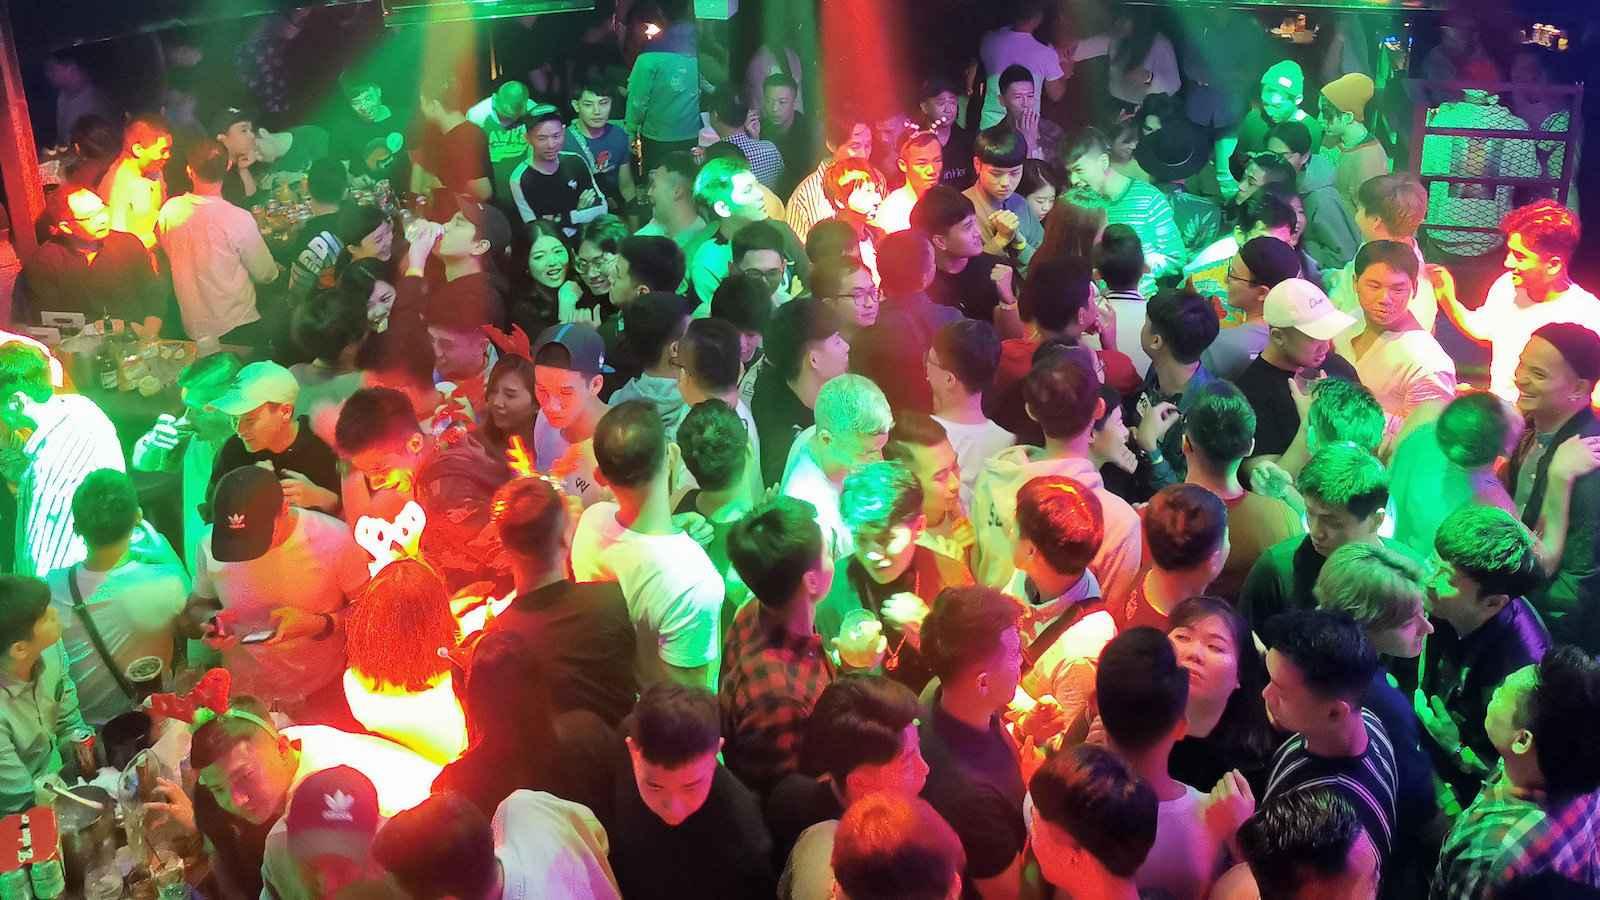 Il n'y a que deux grands clubs gays à Singapour, mais les deux sont une excellente soirée!